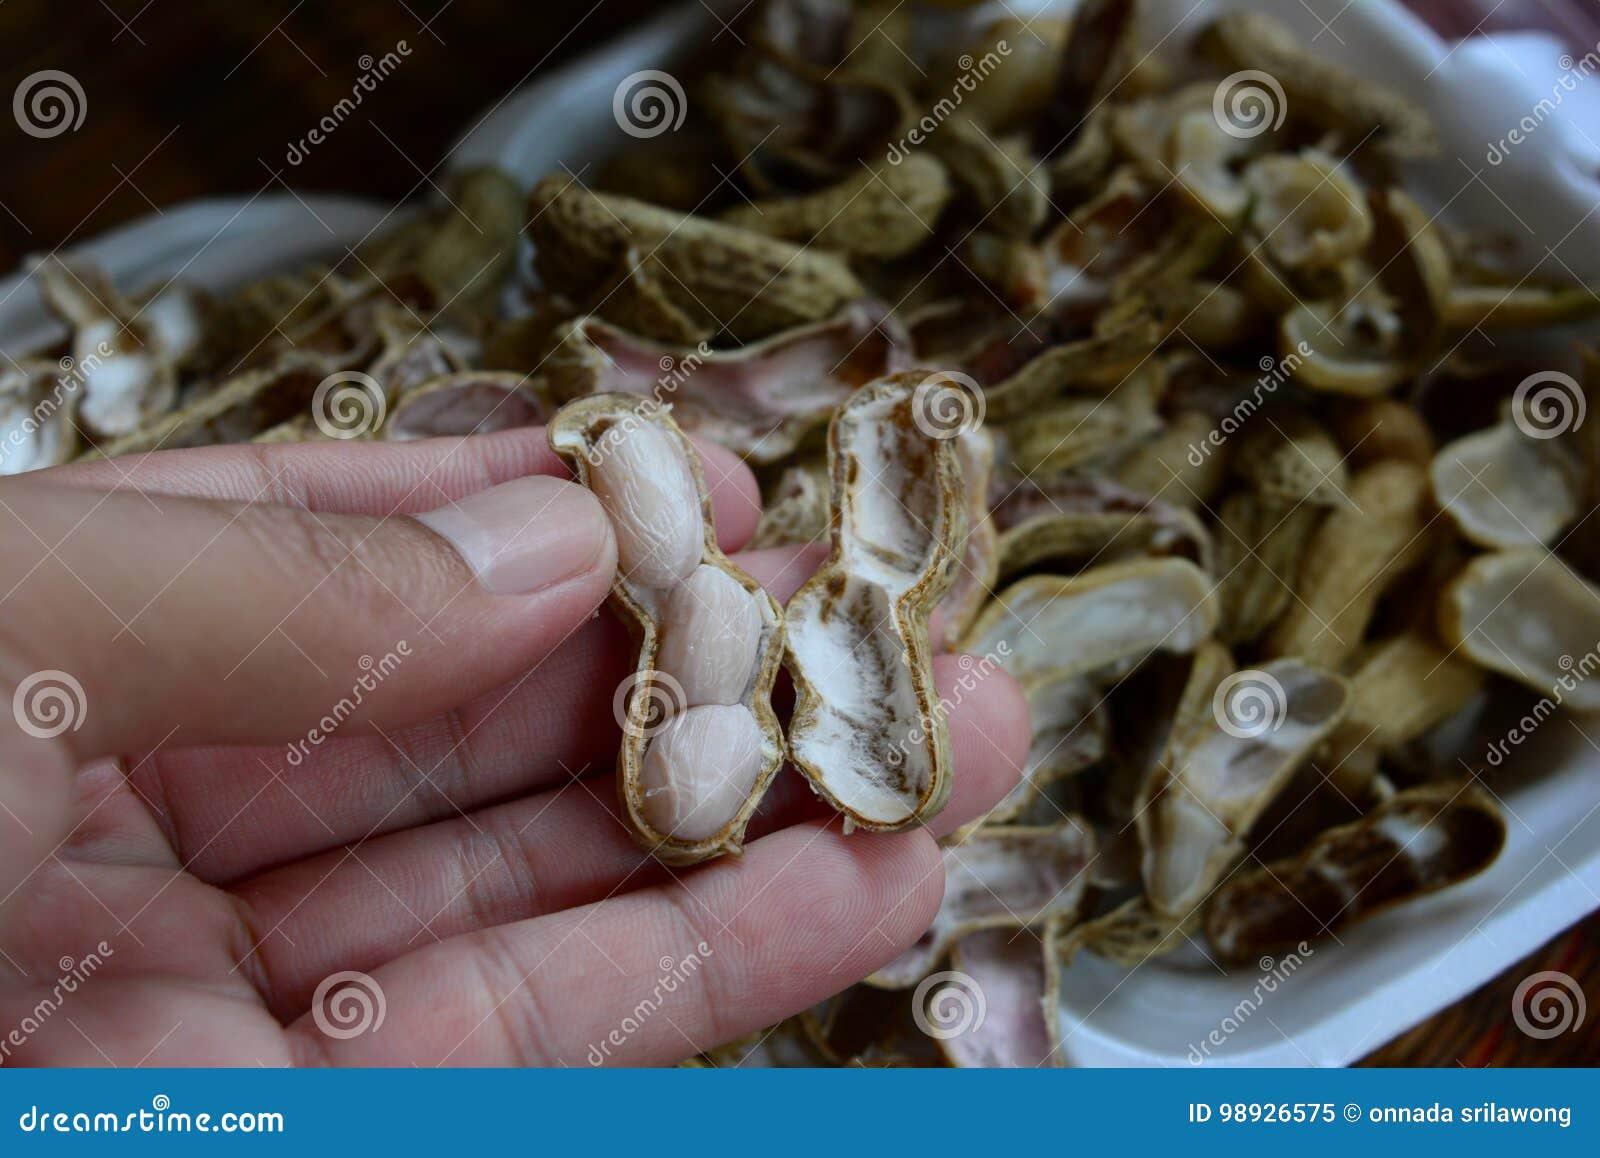 Arachide sbucciata, arachidi bollite